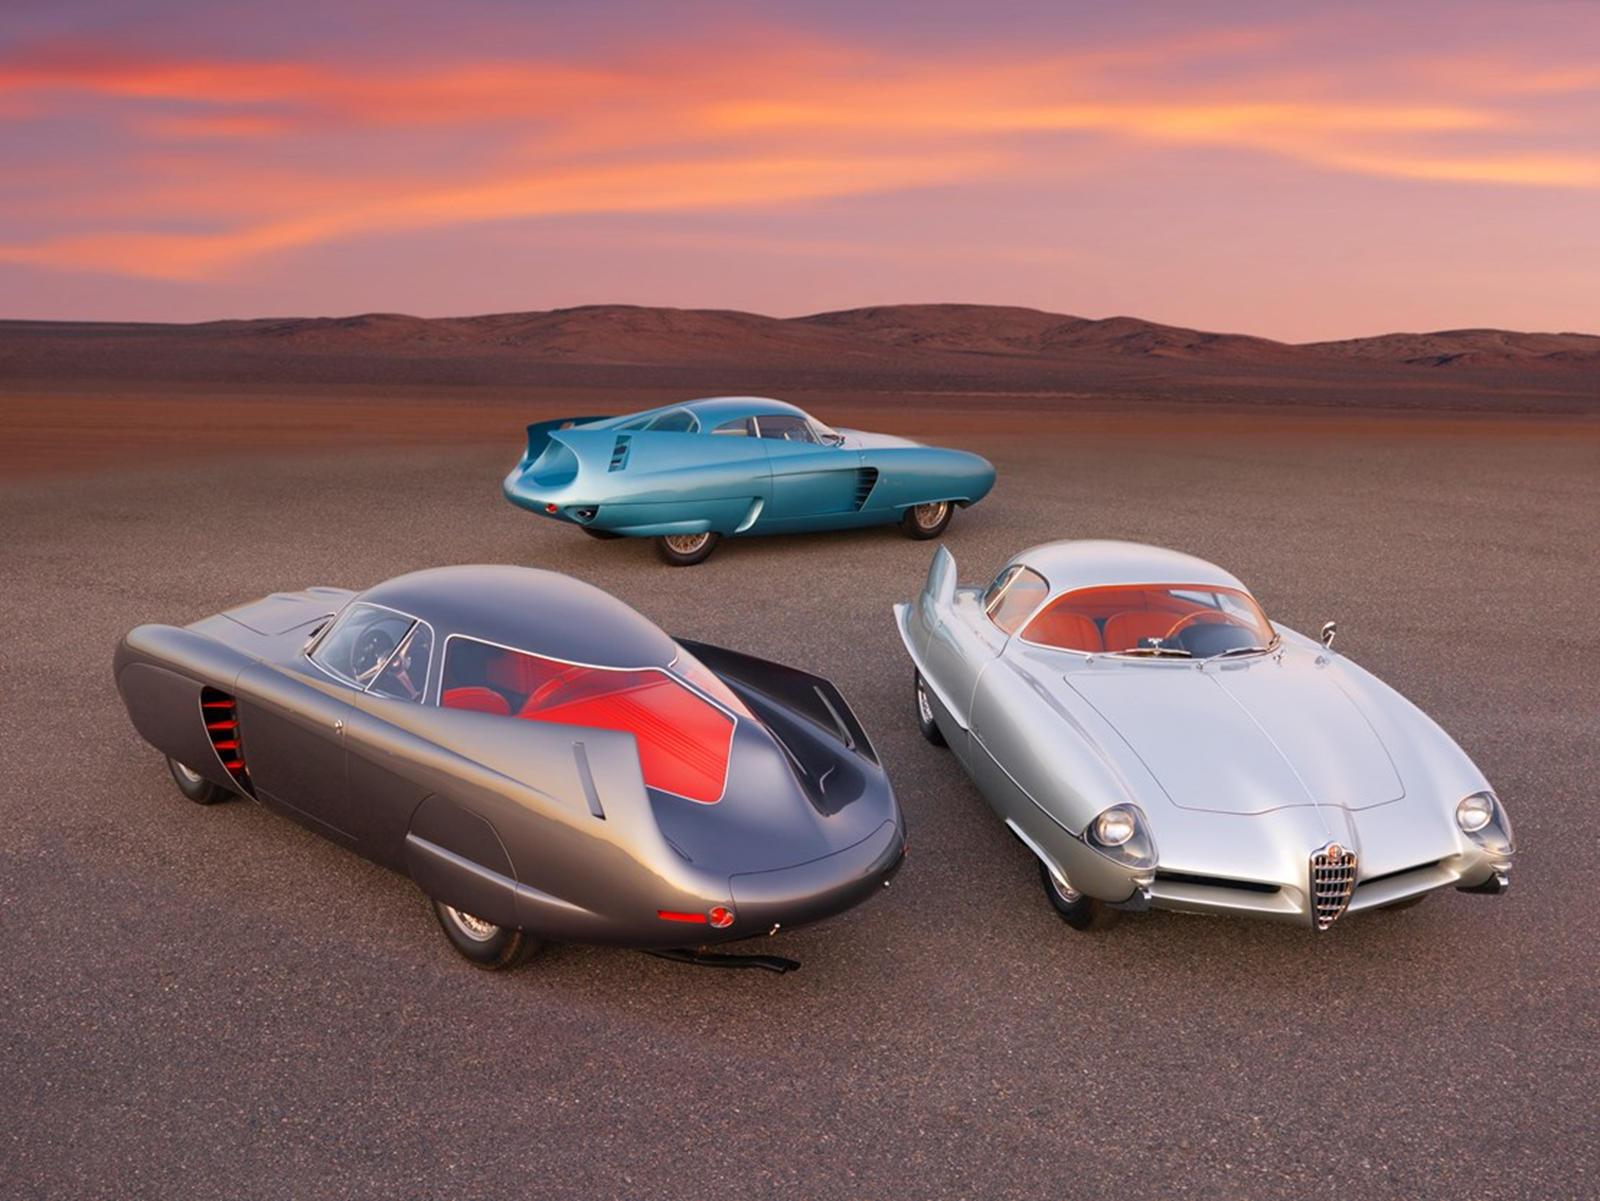 91452 Legendary Alfa Romeo Concept Cars Sell For $14.8 Million